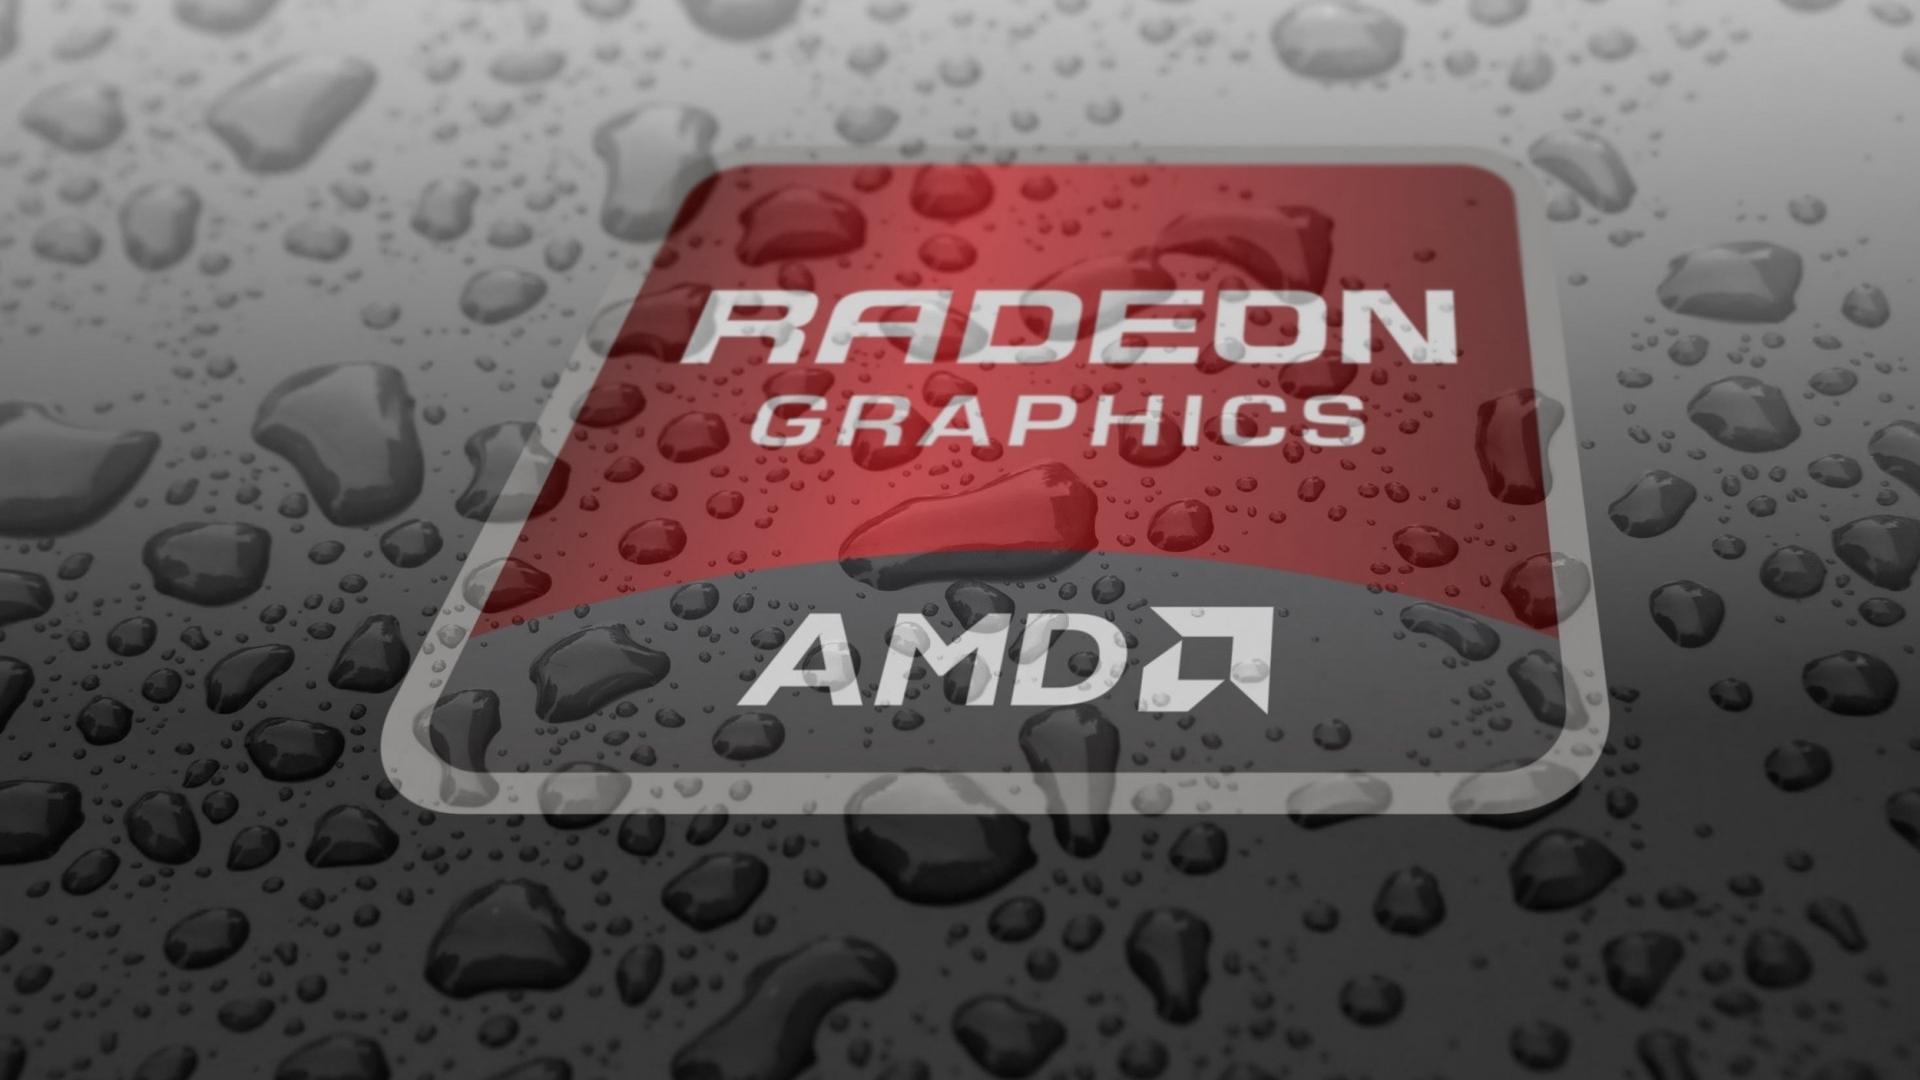 AMD RADEON: Finomhangolási és maximalizálási útmutató kezdőknek és haladóknak egyaránt